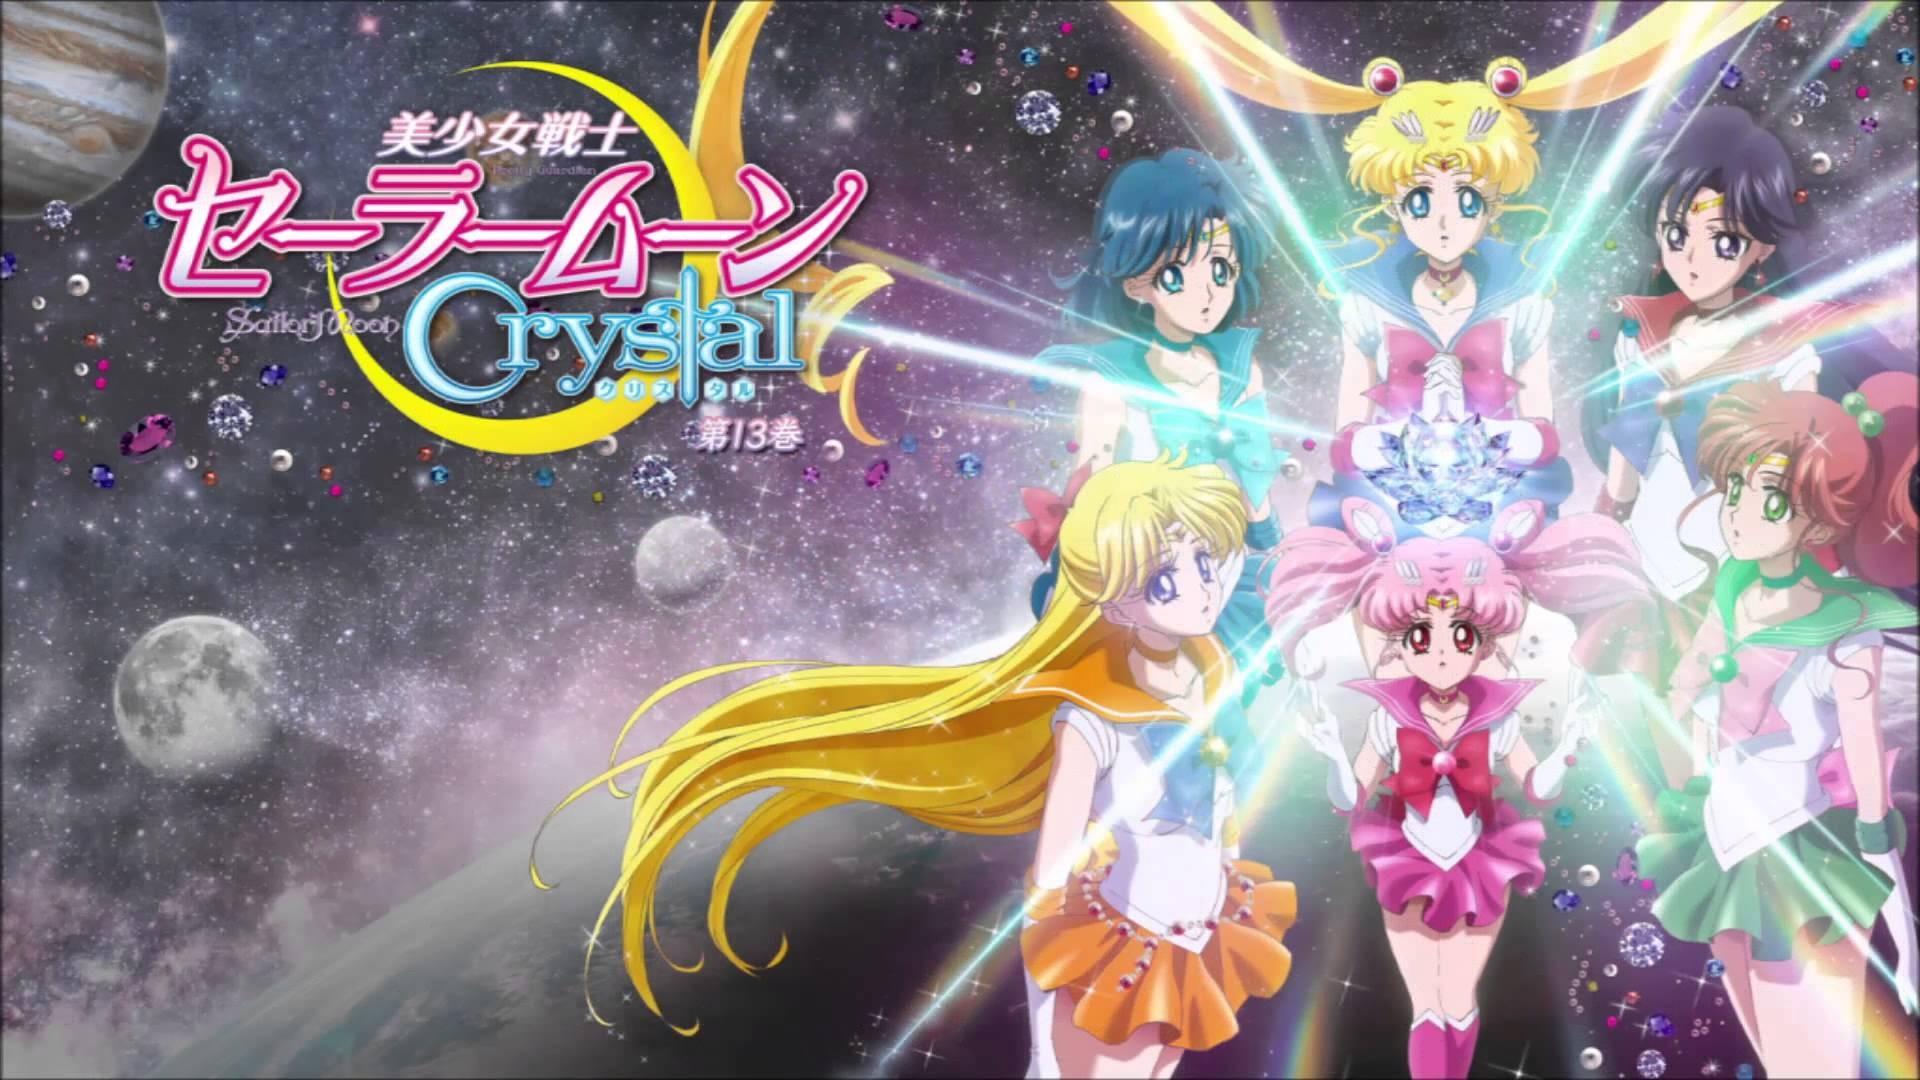 Anime 1920x1080 Sailor Moon anime girls Chibi-Usagi Mizuno Ami Kino Makoto Aino Minako Tsukino Usagi